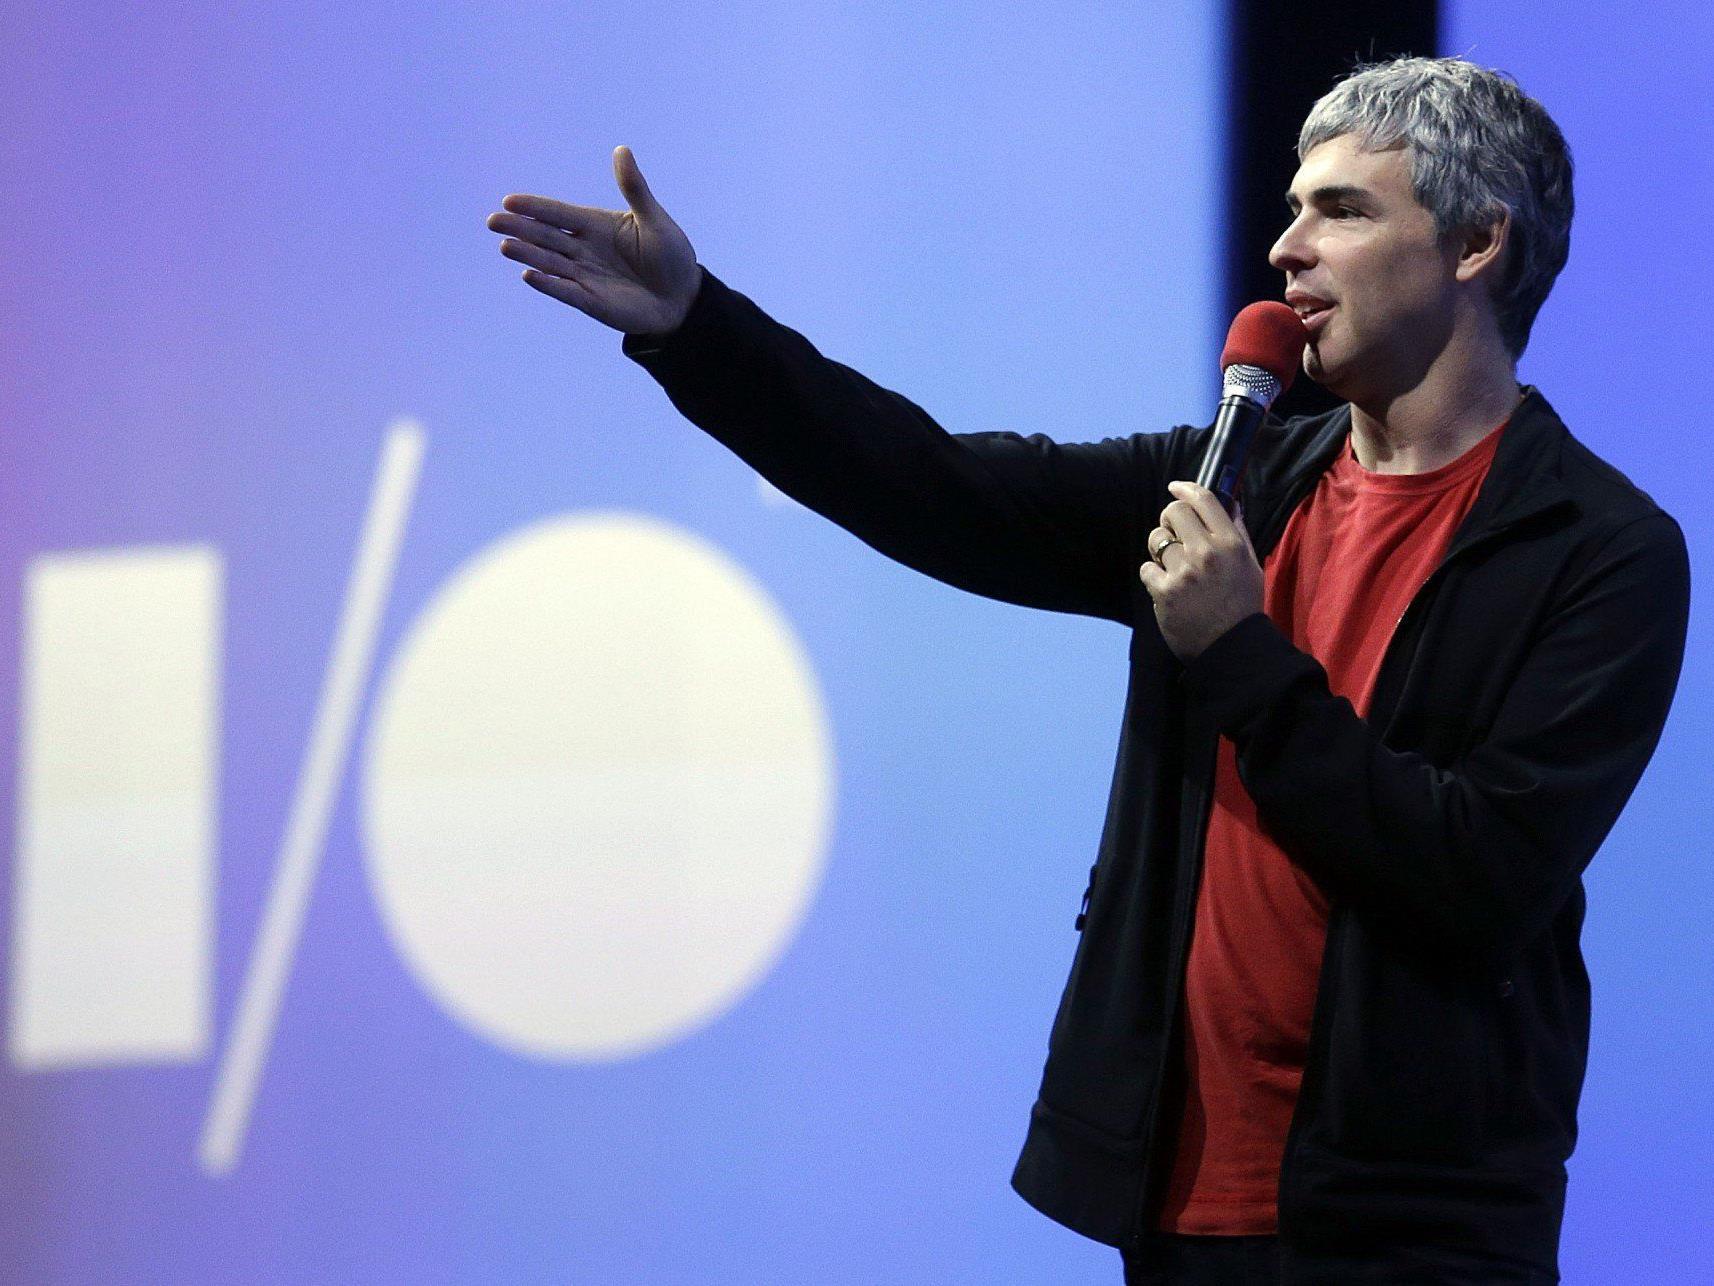 Die zentrale Keynote der Google I/O 2014 live im Netz. Hier Larry Page bei der Eröffnung 2013.